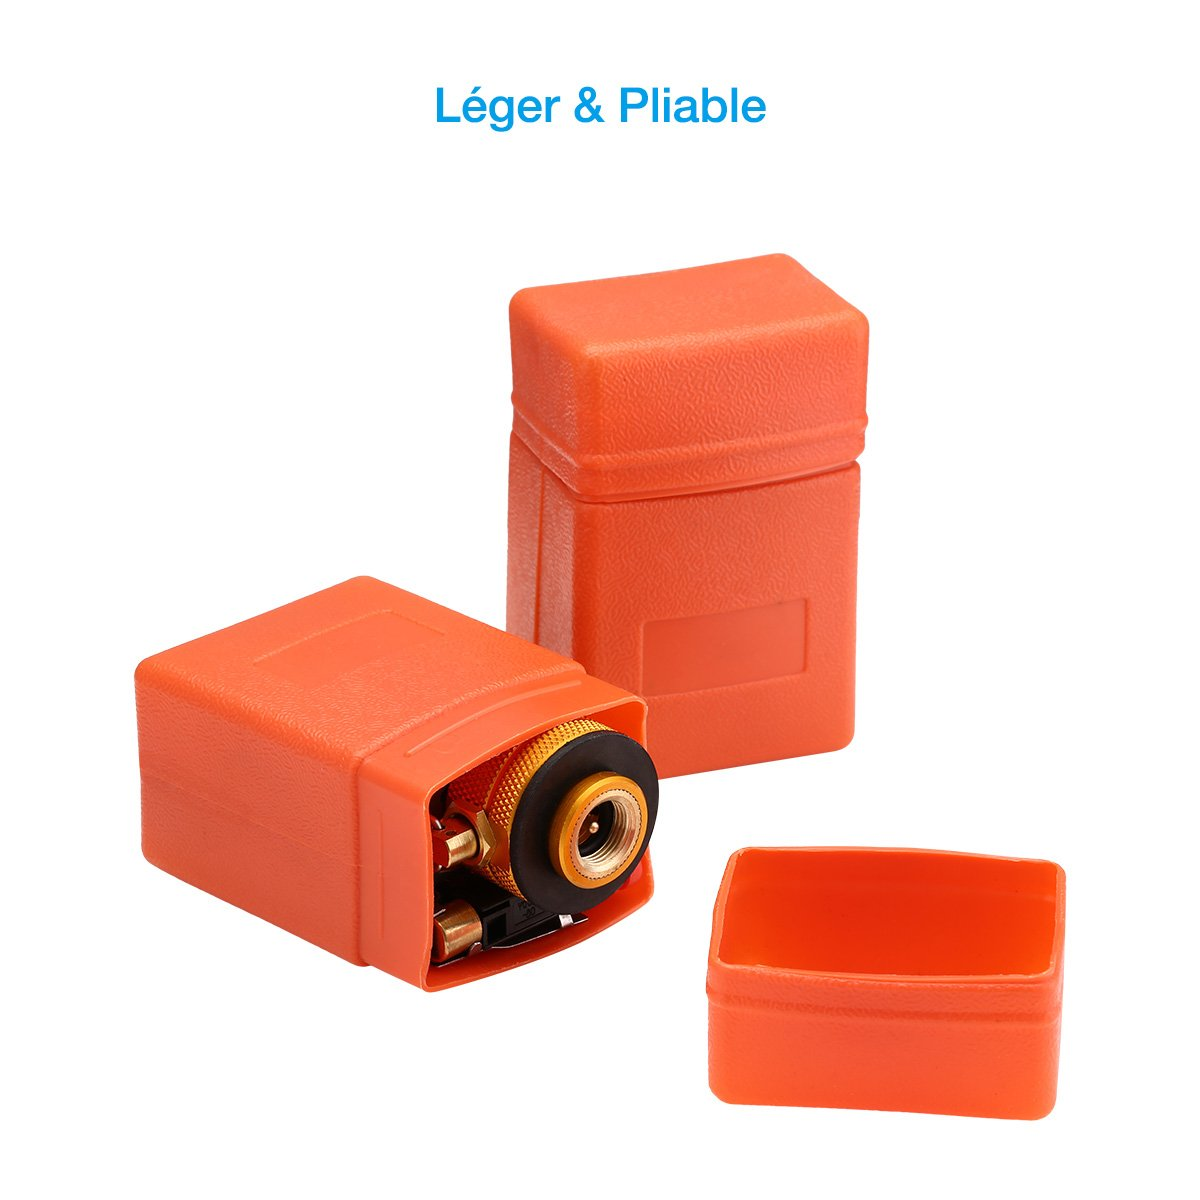 isYoung 2 Lots 8cm*5cm Mini Réchauds, Super Léger & Petit & Puissant, Piable et Portable pour Camping et Voyage.